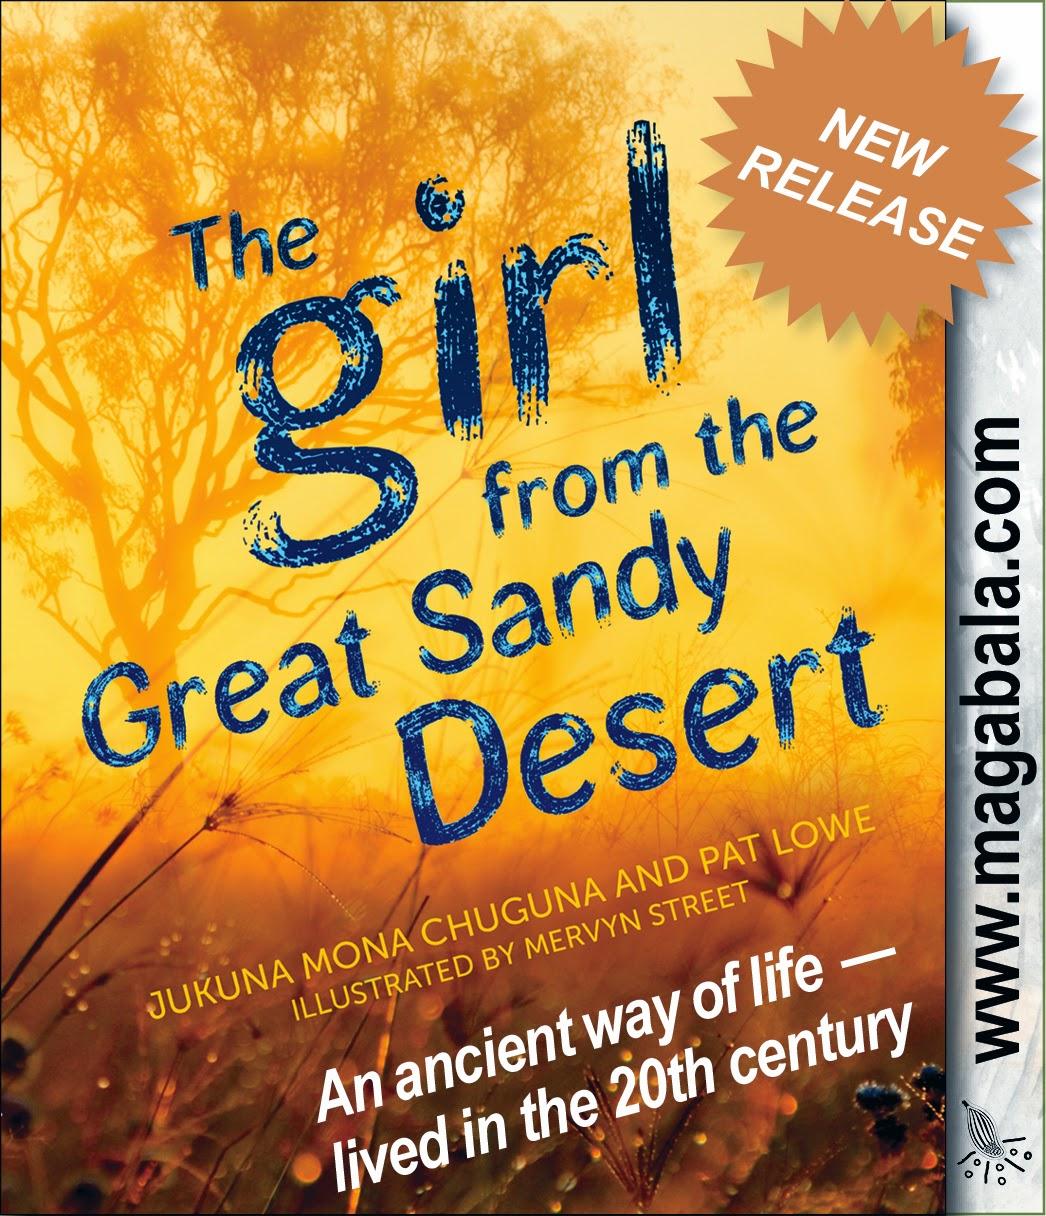 www.magabala.com/girl-desert